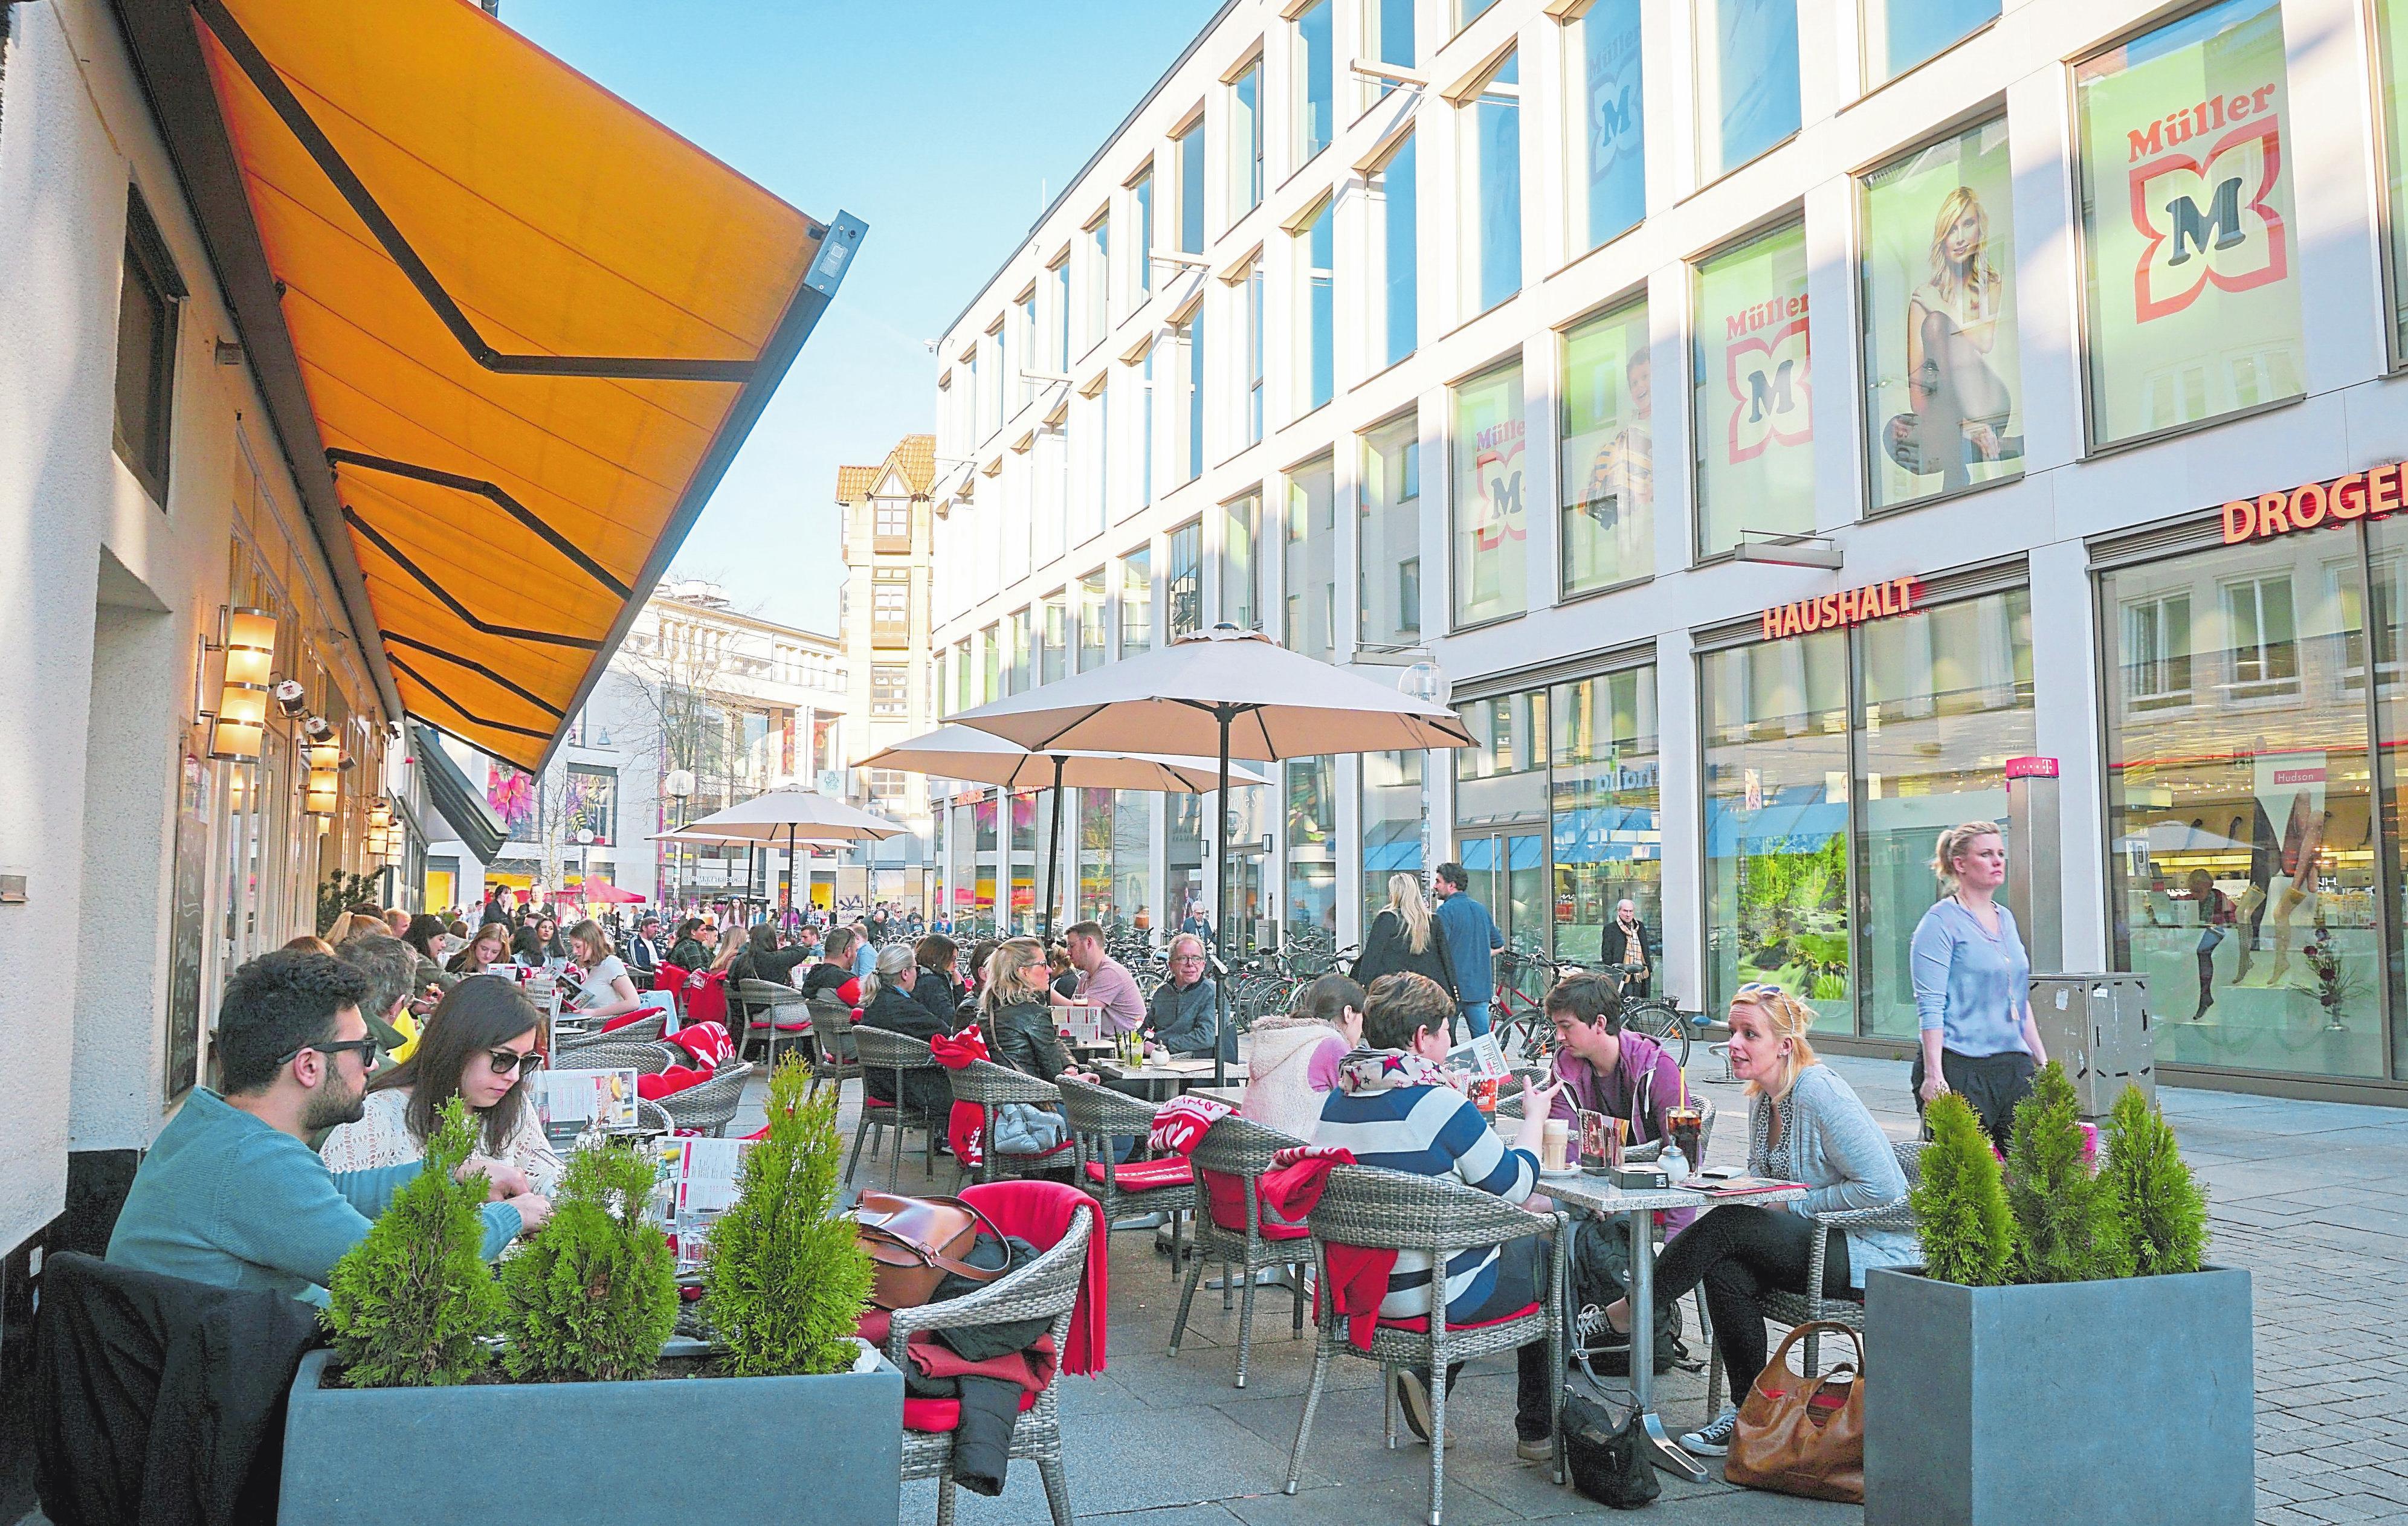 Nach einem ausgiebigen Shoppingtrip lässt sich unter freiem Himmel bei einem Getränk und leckeren Snack entspannen. Foto: L. Volz/F. Moritz